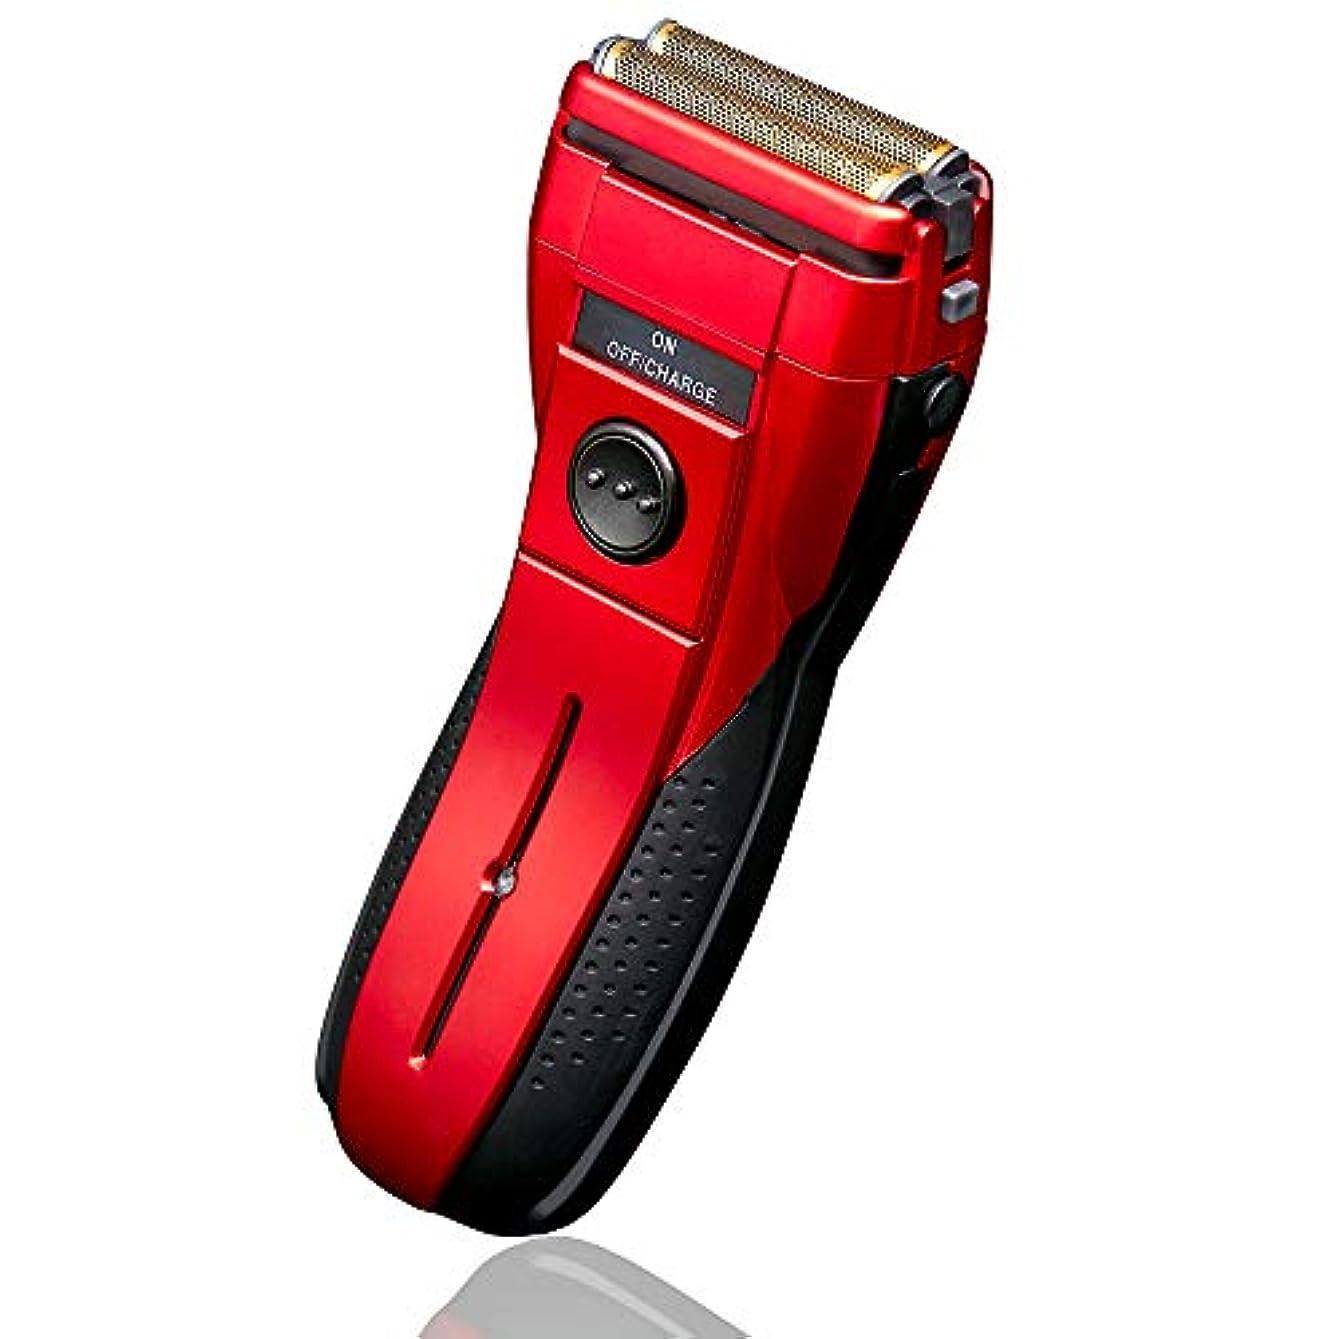 ペスト少年レタス電気シェーバー 2枚刃 髭剃り メンズシェーバー 替え刃付属付き 水洗い対応 ウォッシャブル 充電式 独立フローティング2枚刃 (Red)